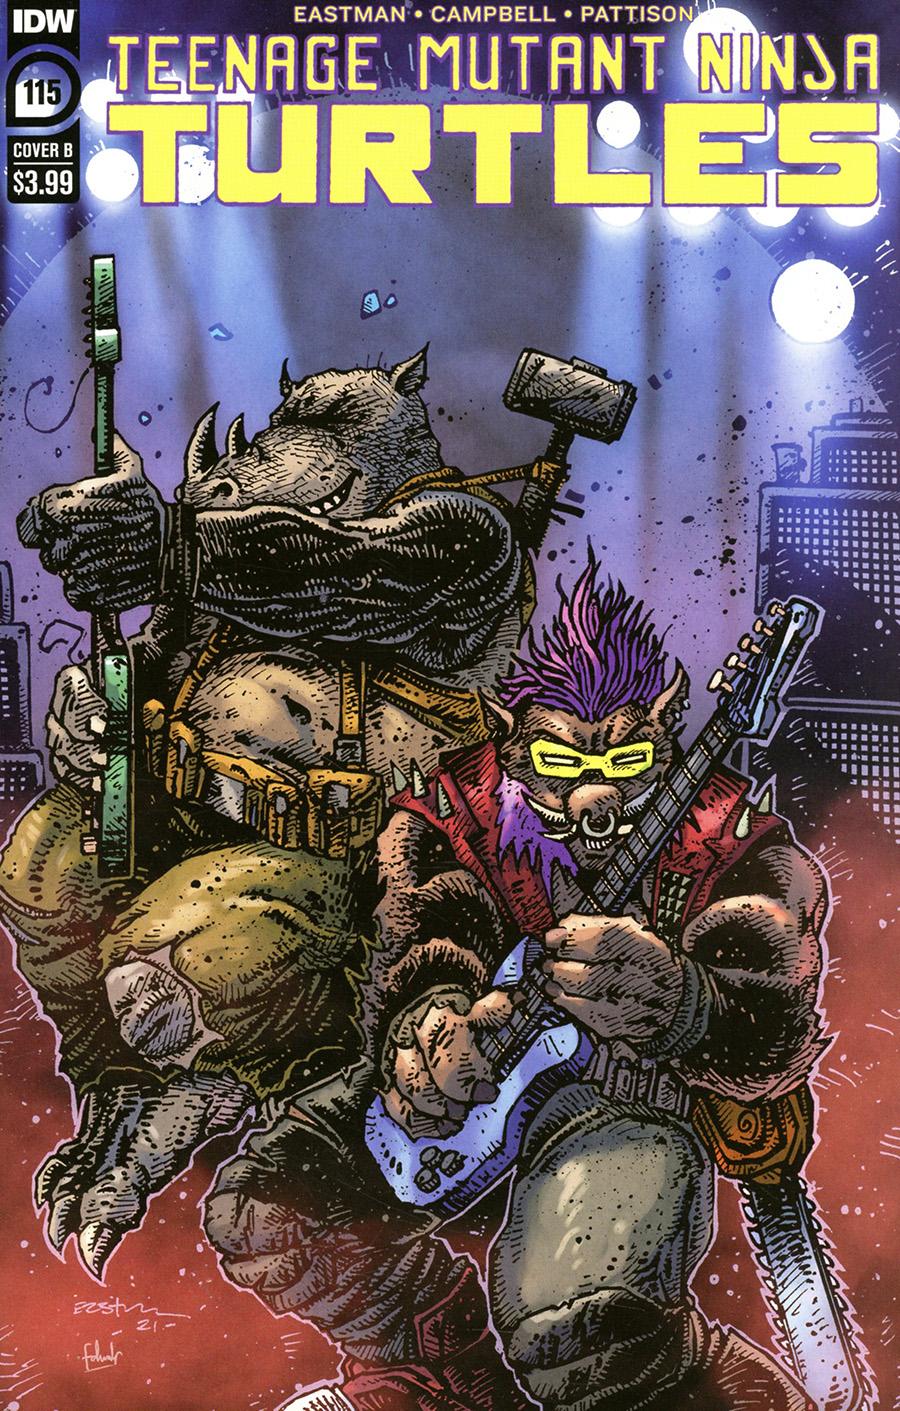 Teenage Mutant Ninja Turtles Vol 5 #115 Cover B Variant Kevin Eastman Cover